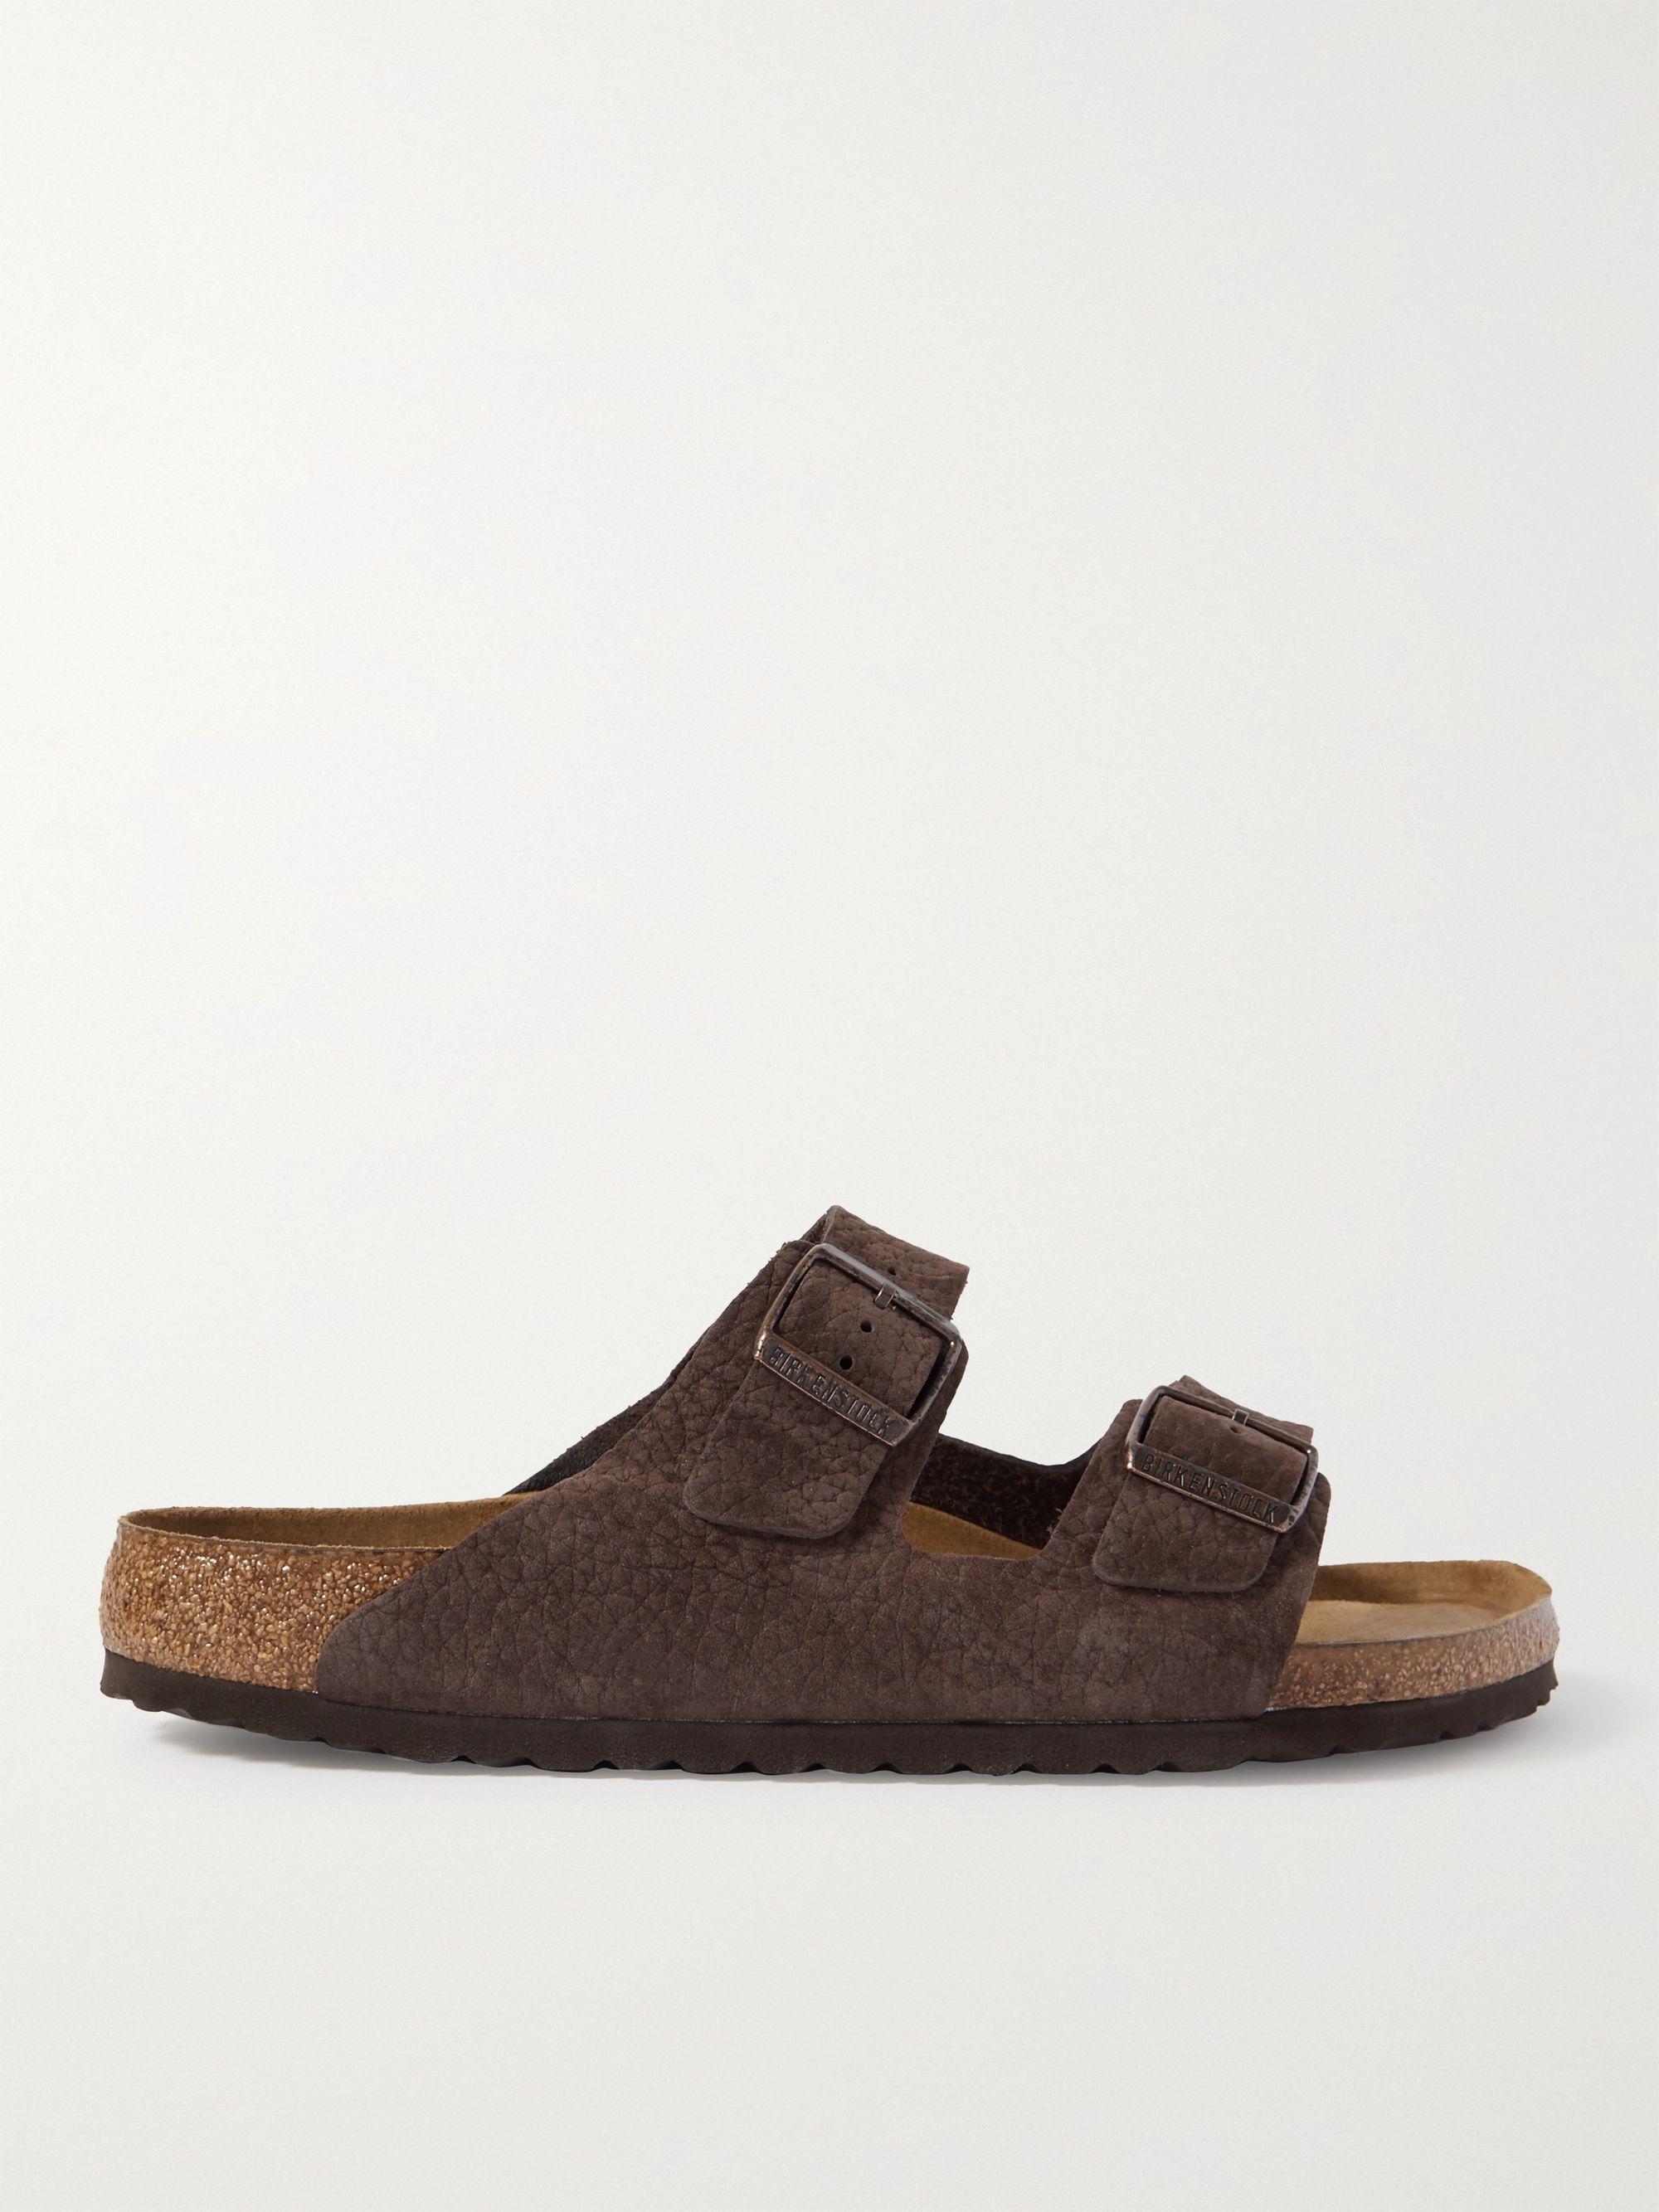 Birkenstock Arizona Textured-Suede Sandals,Brown